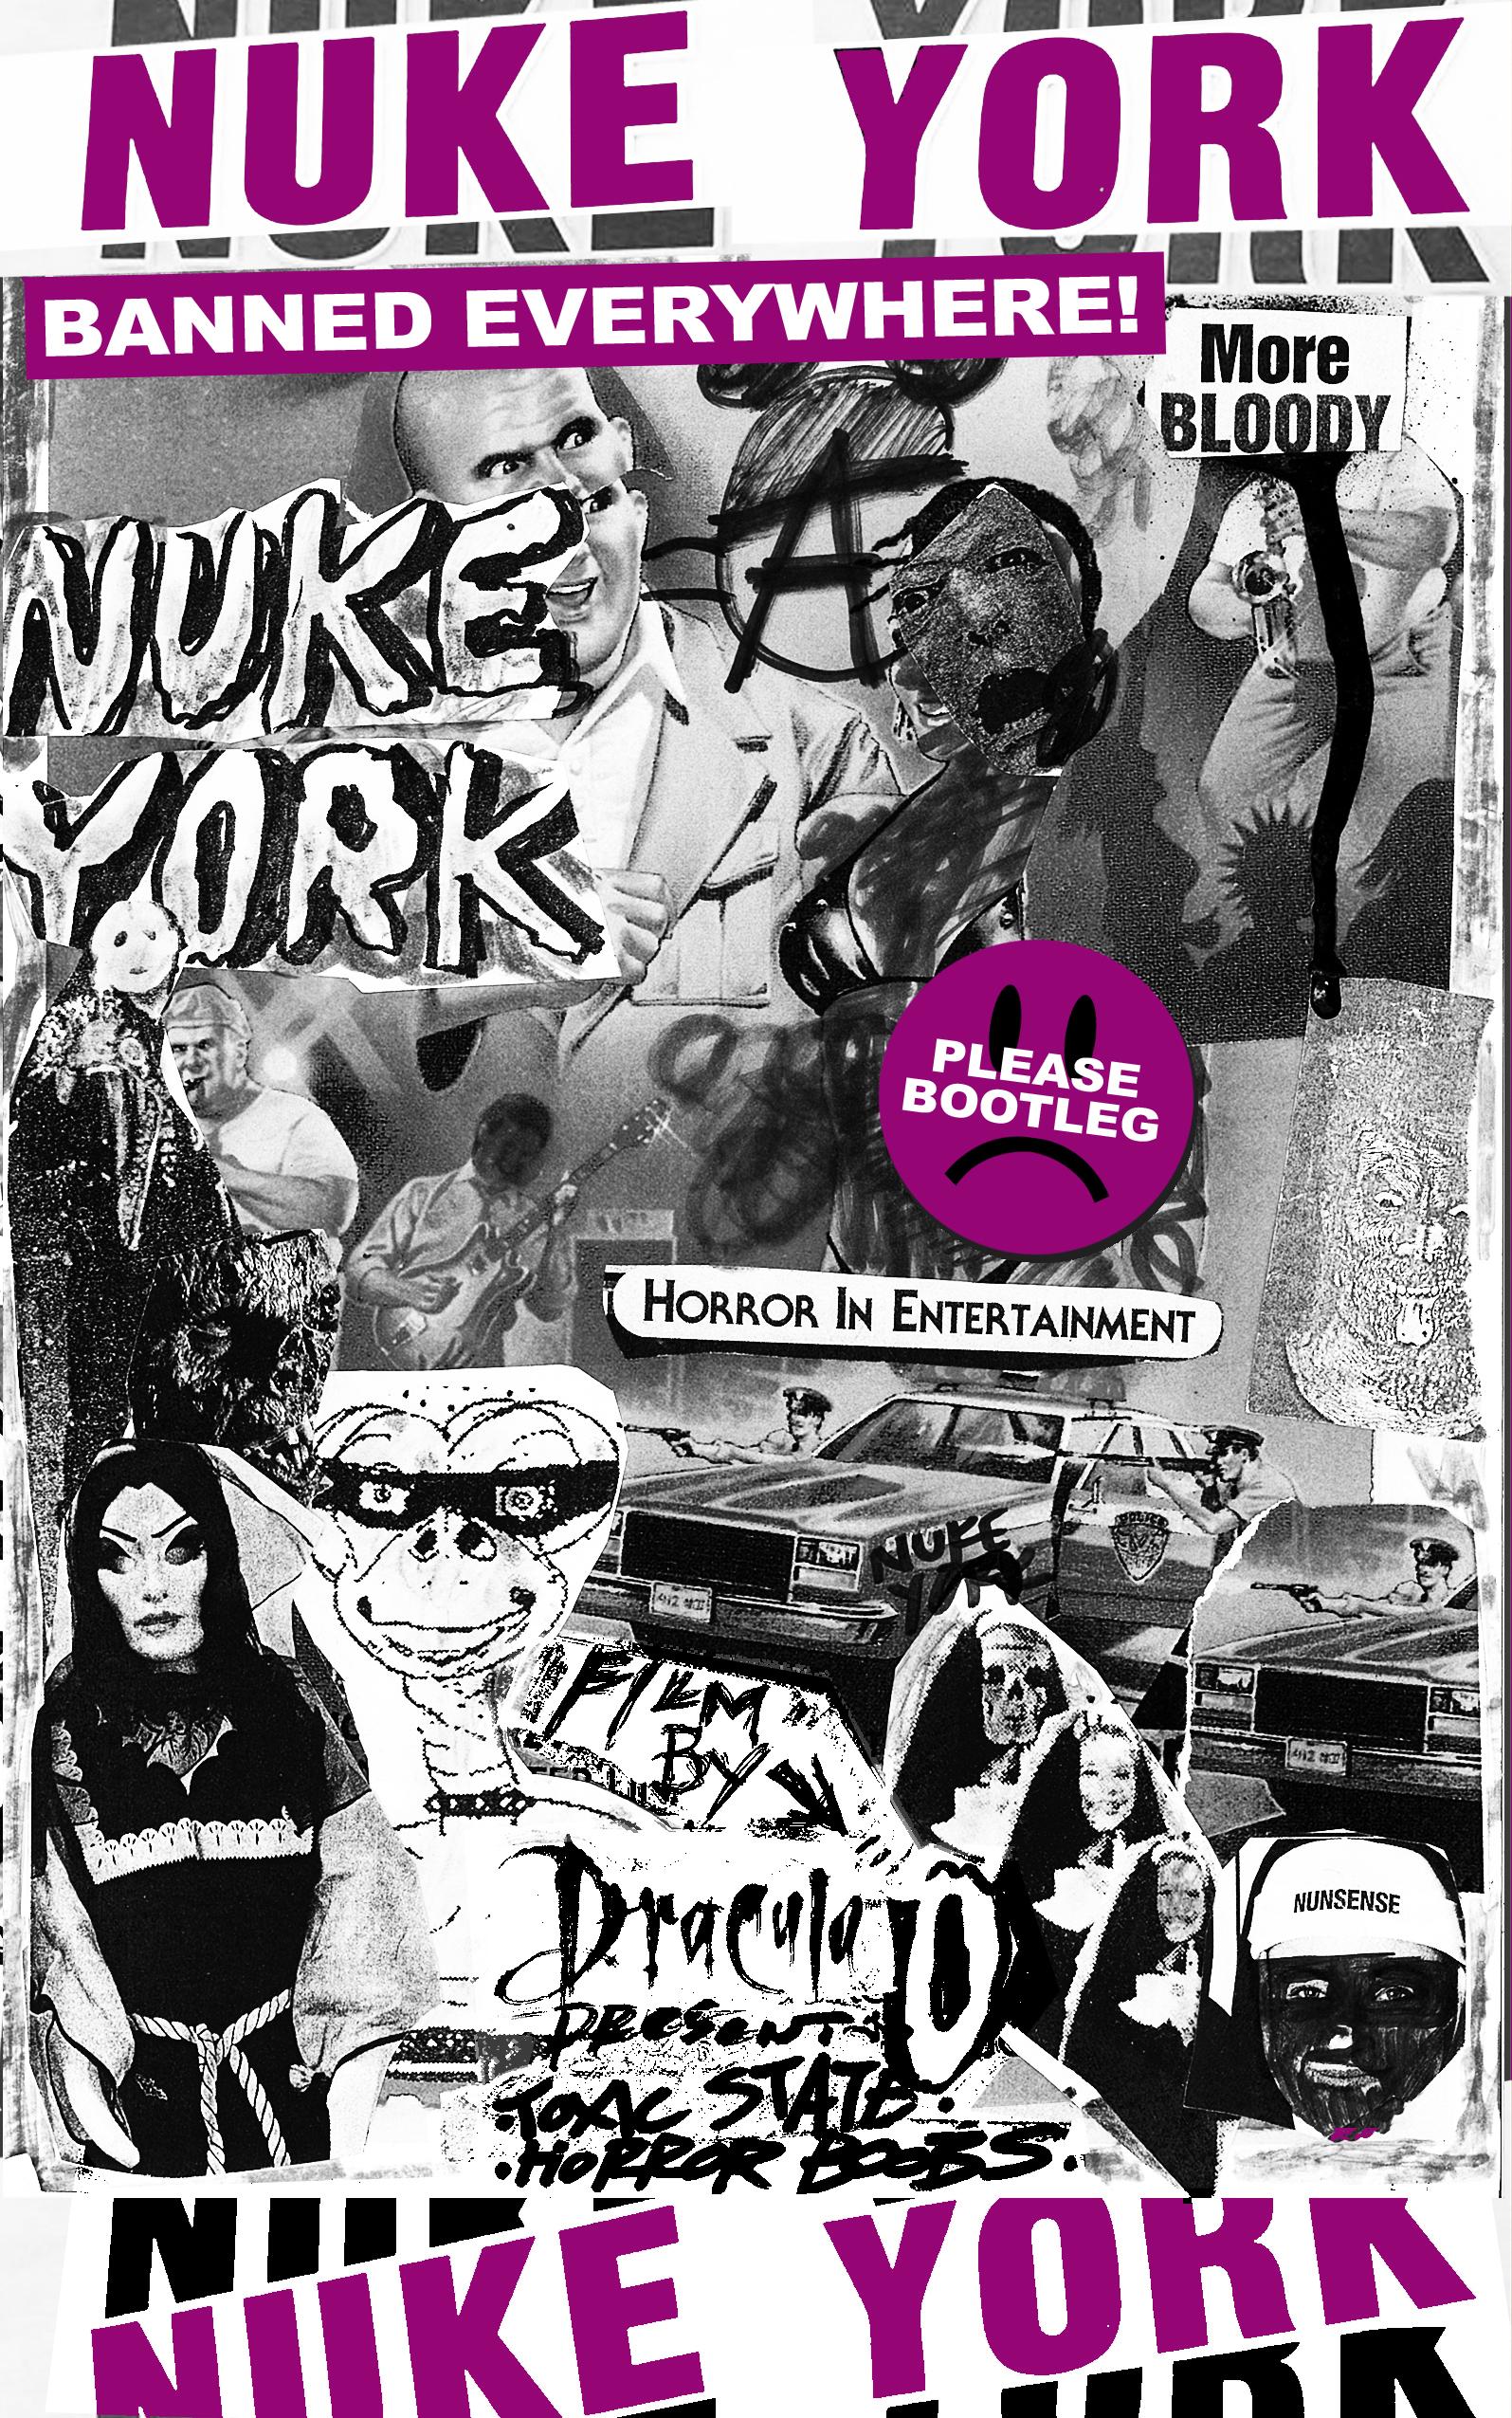 Poster for Nuke York Volume One: Eat the Rich on LSD